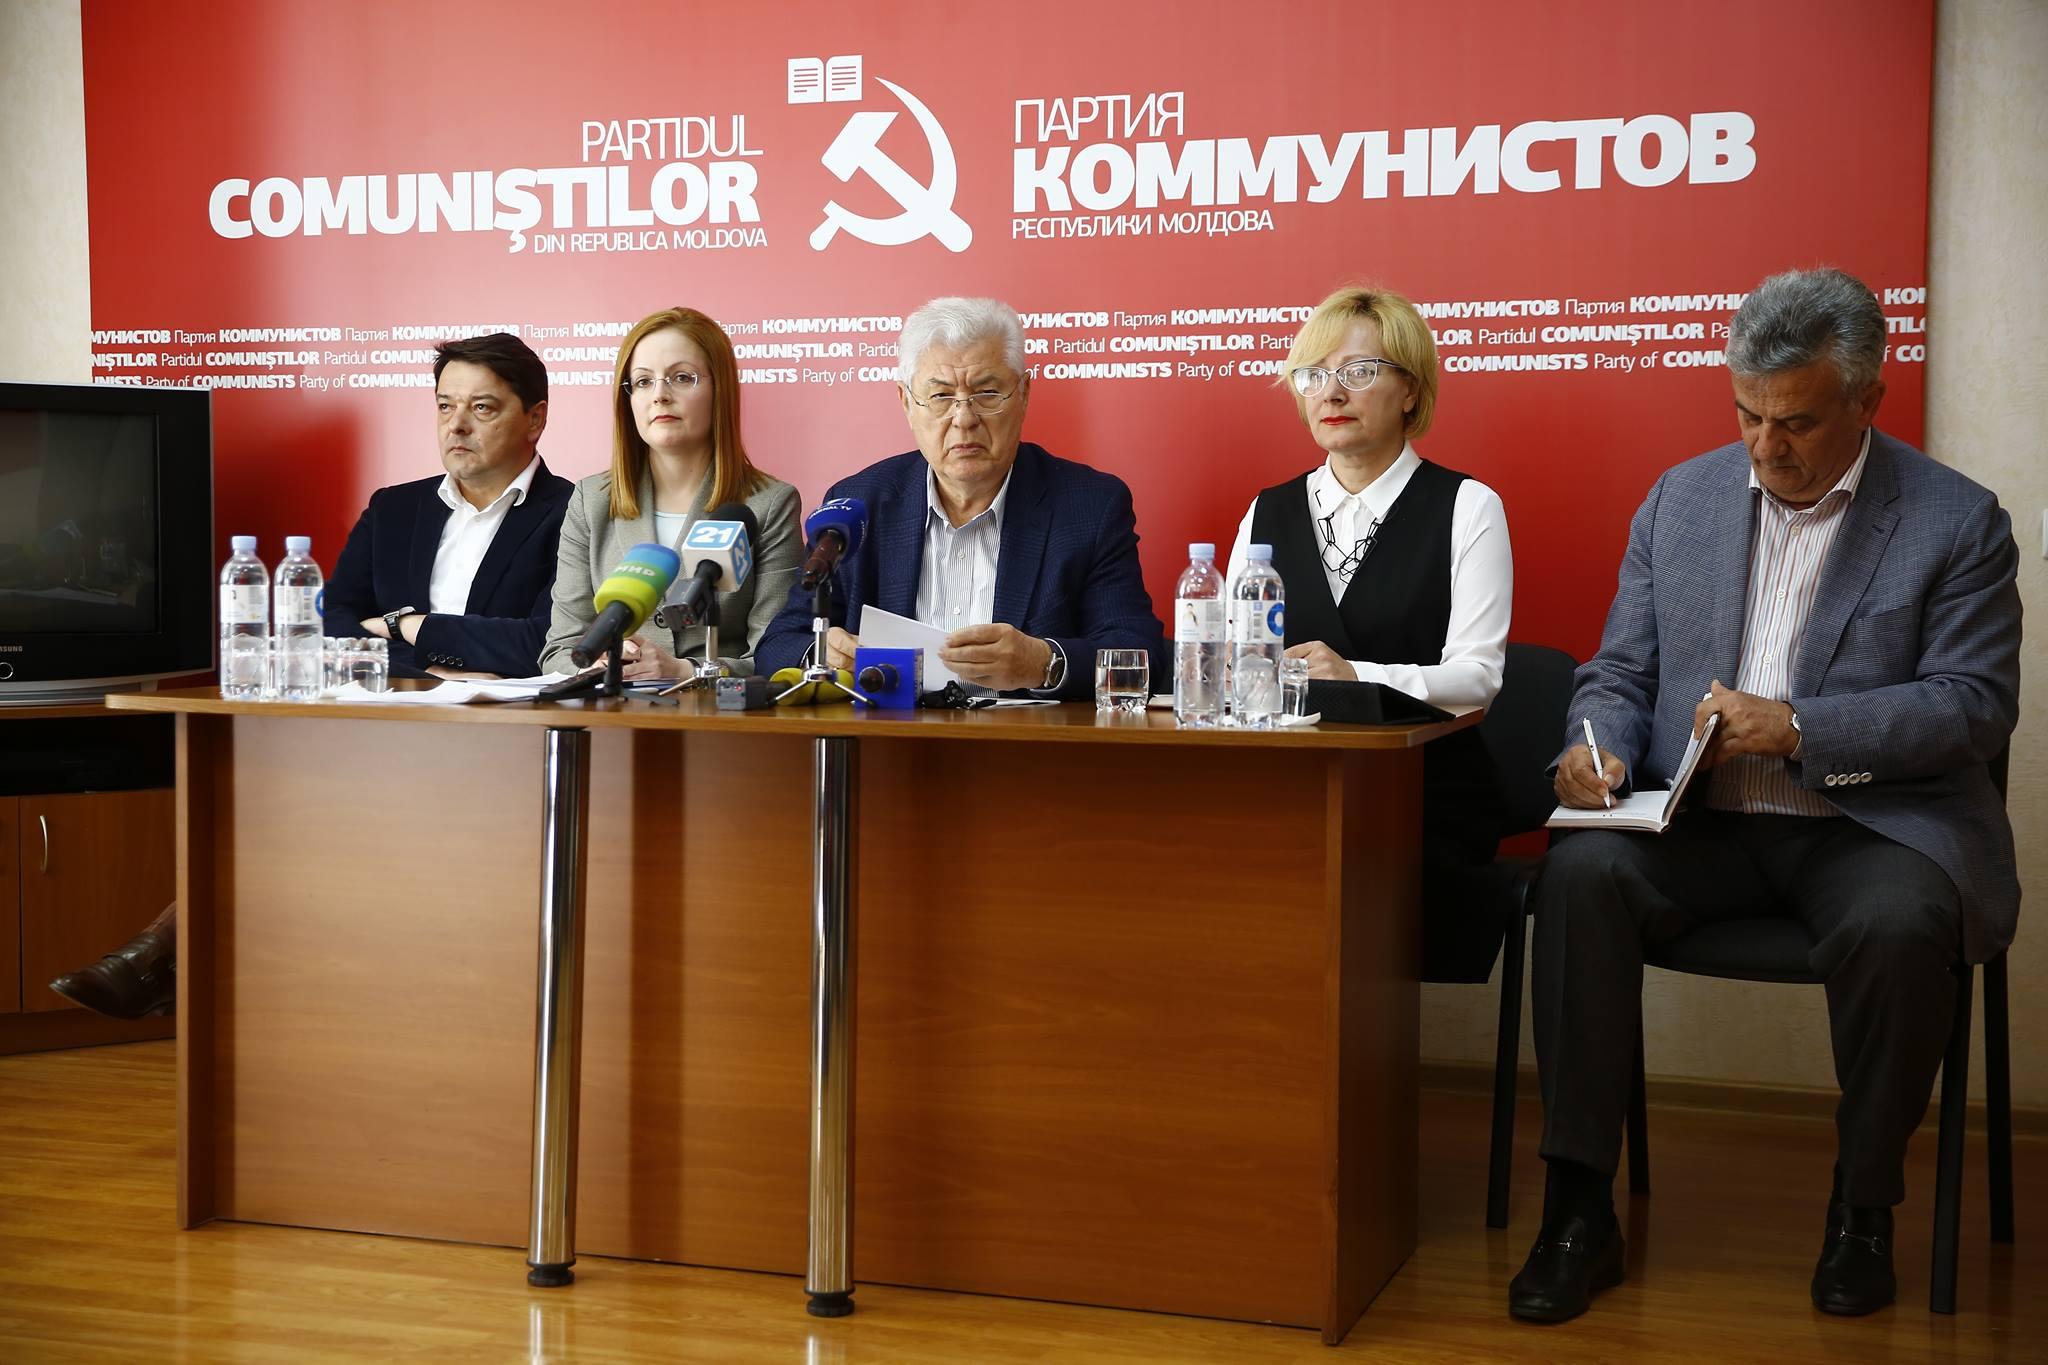 Коммунисты примут участие в выборах, но байкотируют референдум